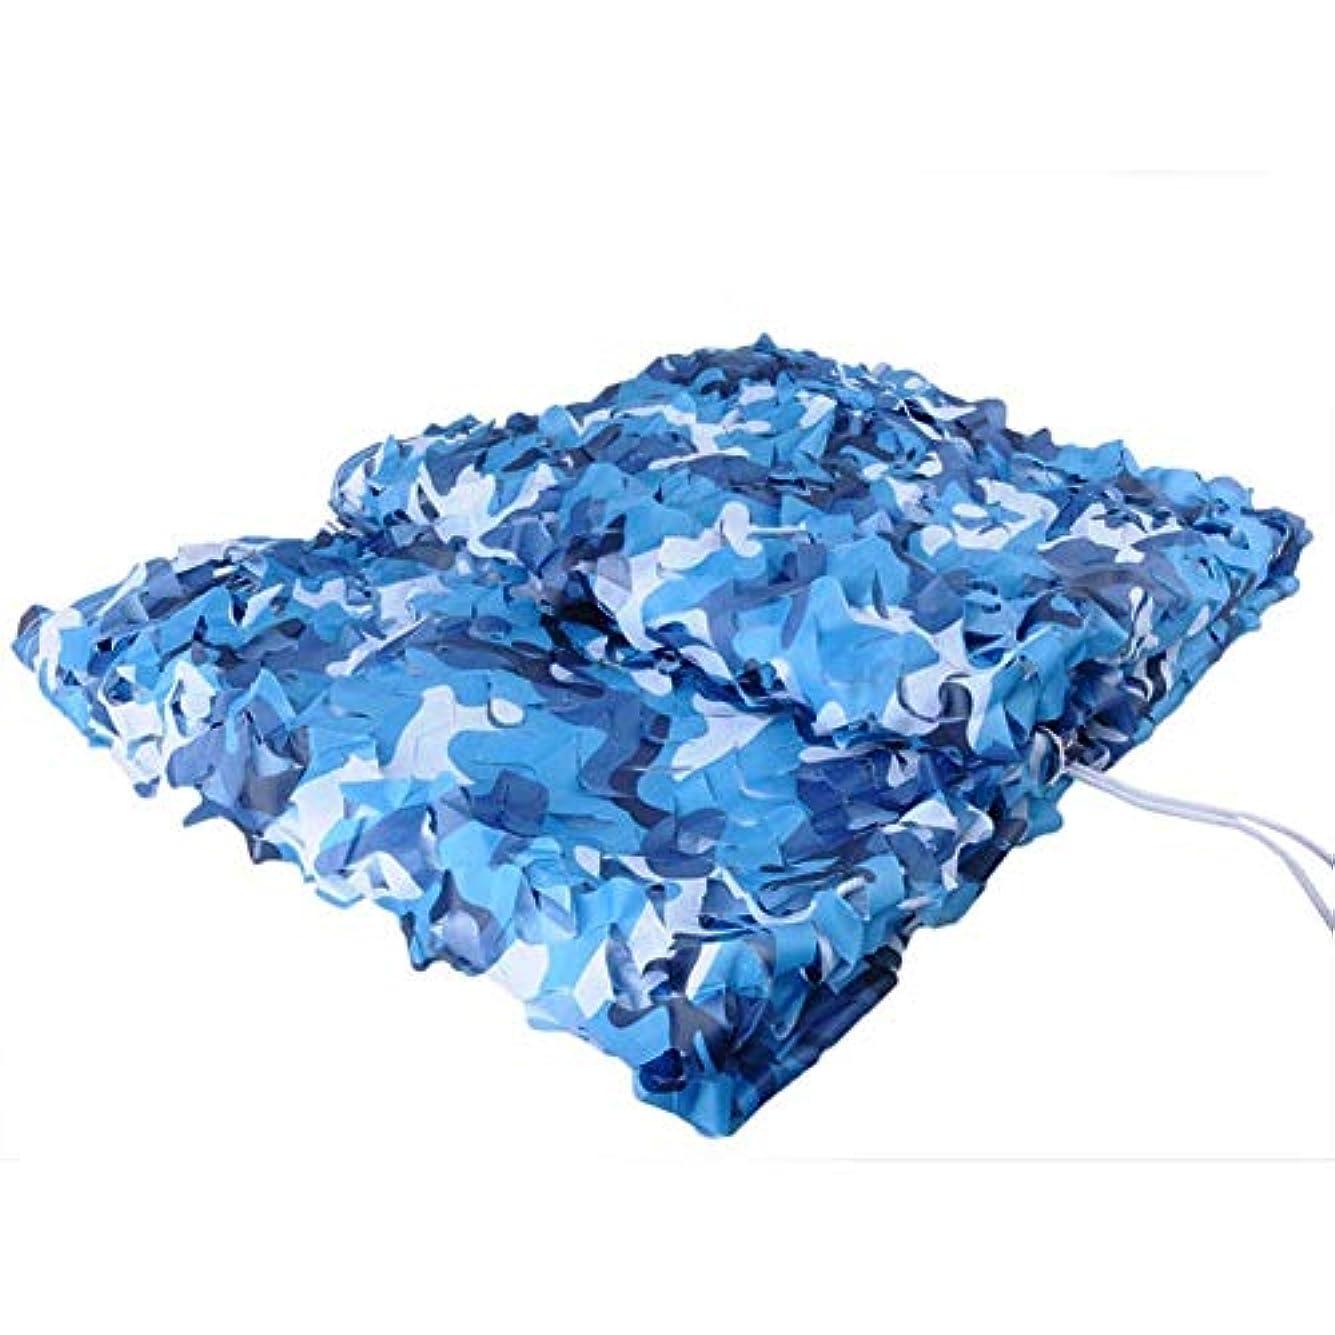 マニフェスト現実には不名誉な迷彩ネット、オックスフォード生地迷彩ネット - 屋外用隠す、車のカバー、日焼け止め、パーティーの壁の装飾、ガーデンパーゴラ、オーシャン迷彩 ZHAOFENGMING (色 : 青, サイズ さいず : 6x6m)